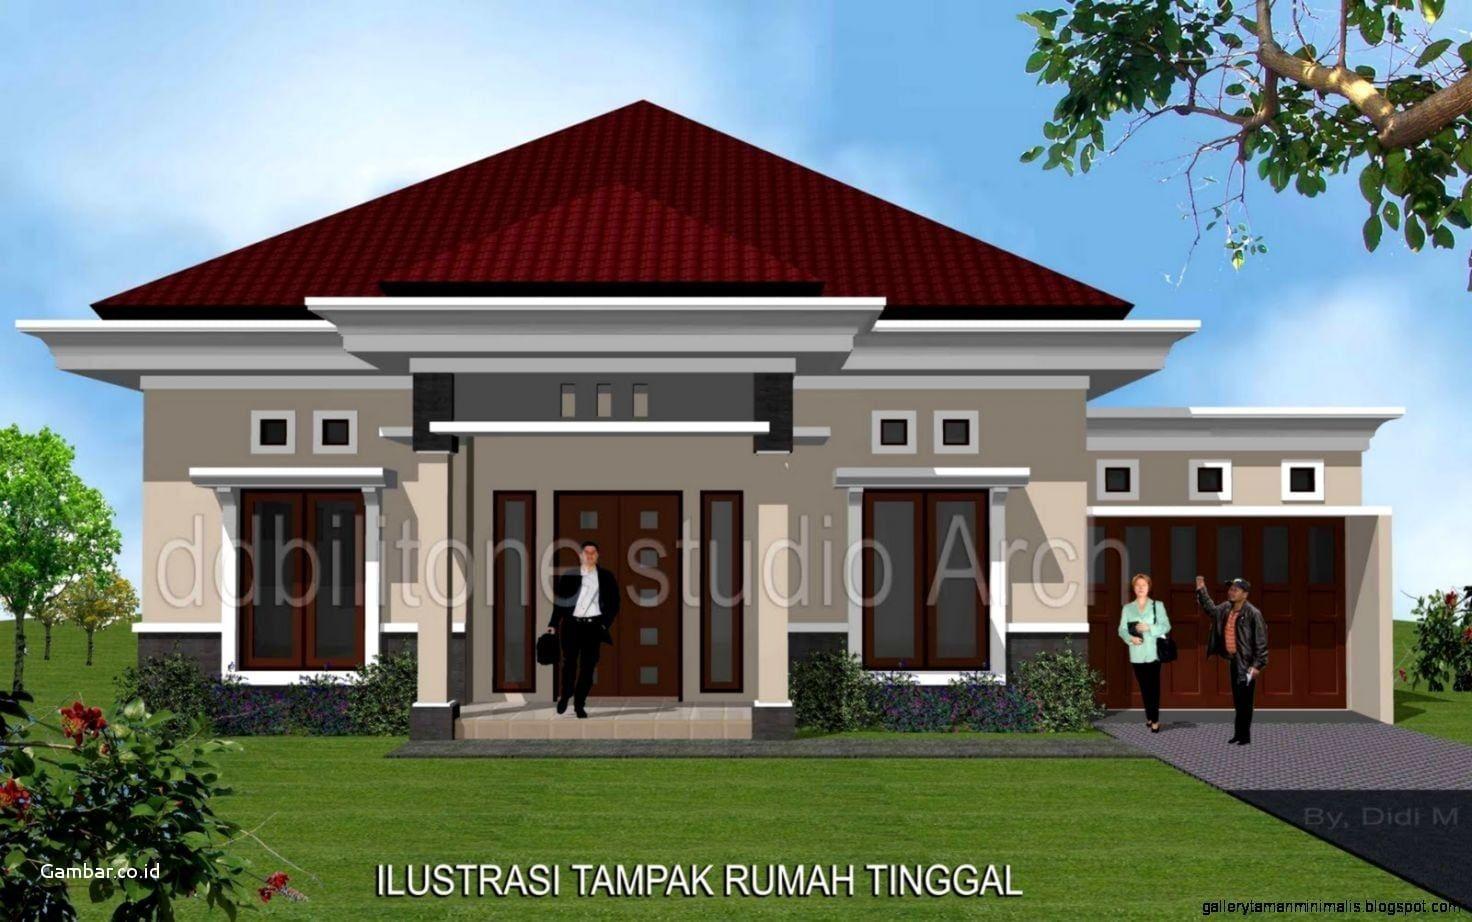 Desain Rumah Klasik 1 Lantai Mewah Cek Bahan Bangunan Gambar rumah klasik 1 lantai